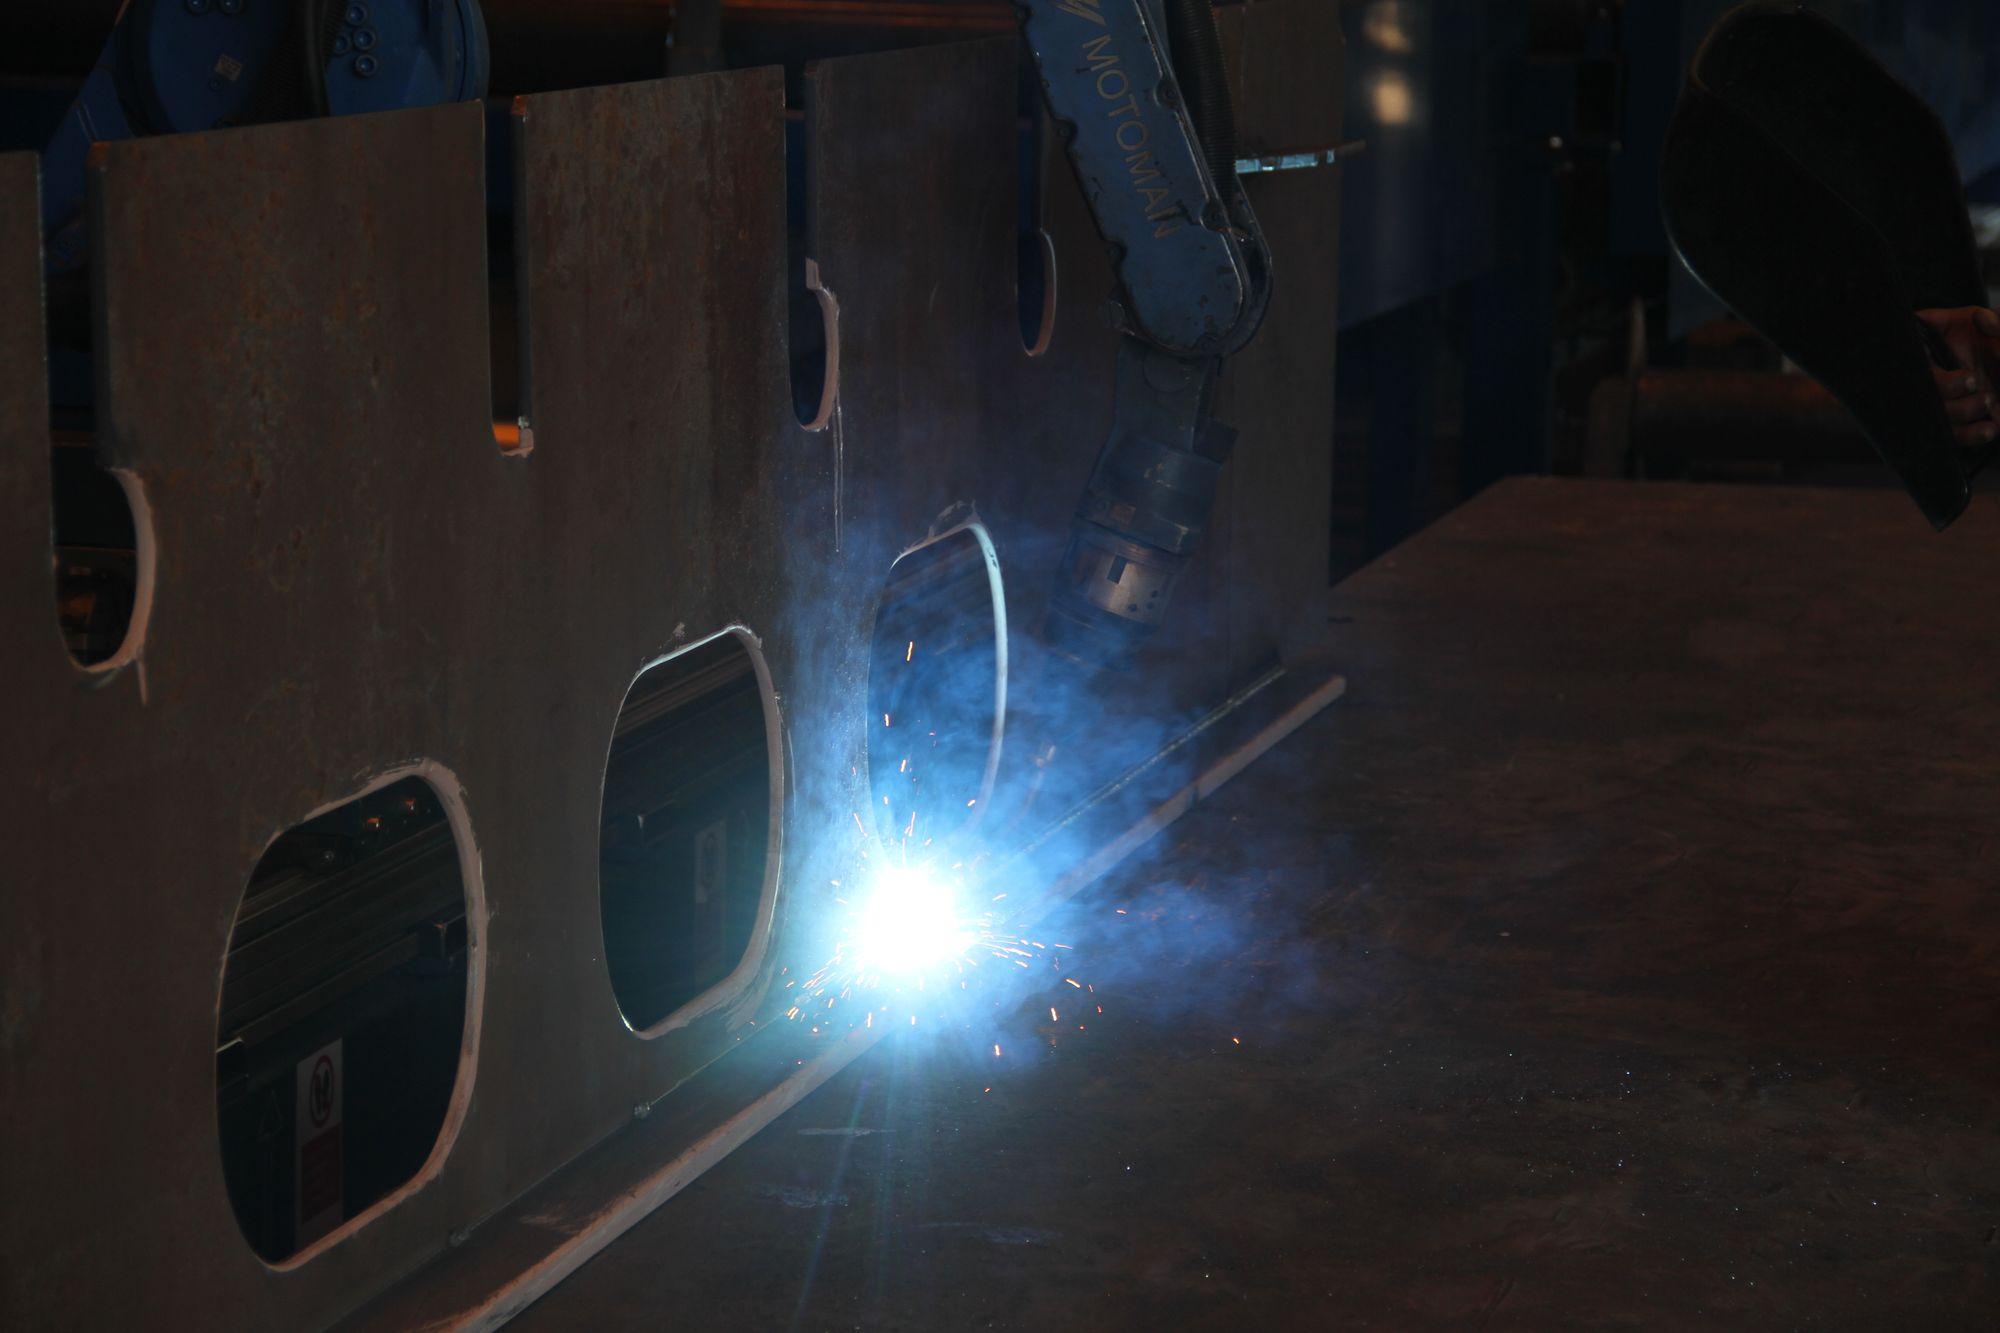 Mer enn 20 sveiseroboter er i virksomhet på Kleven Verft, det gir lavere produksjonspris og høyere kvalitet.